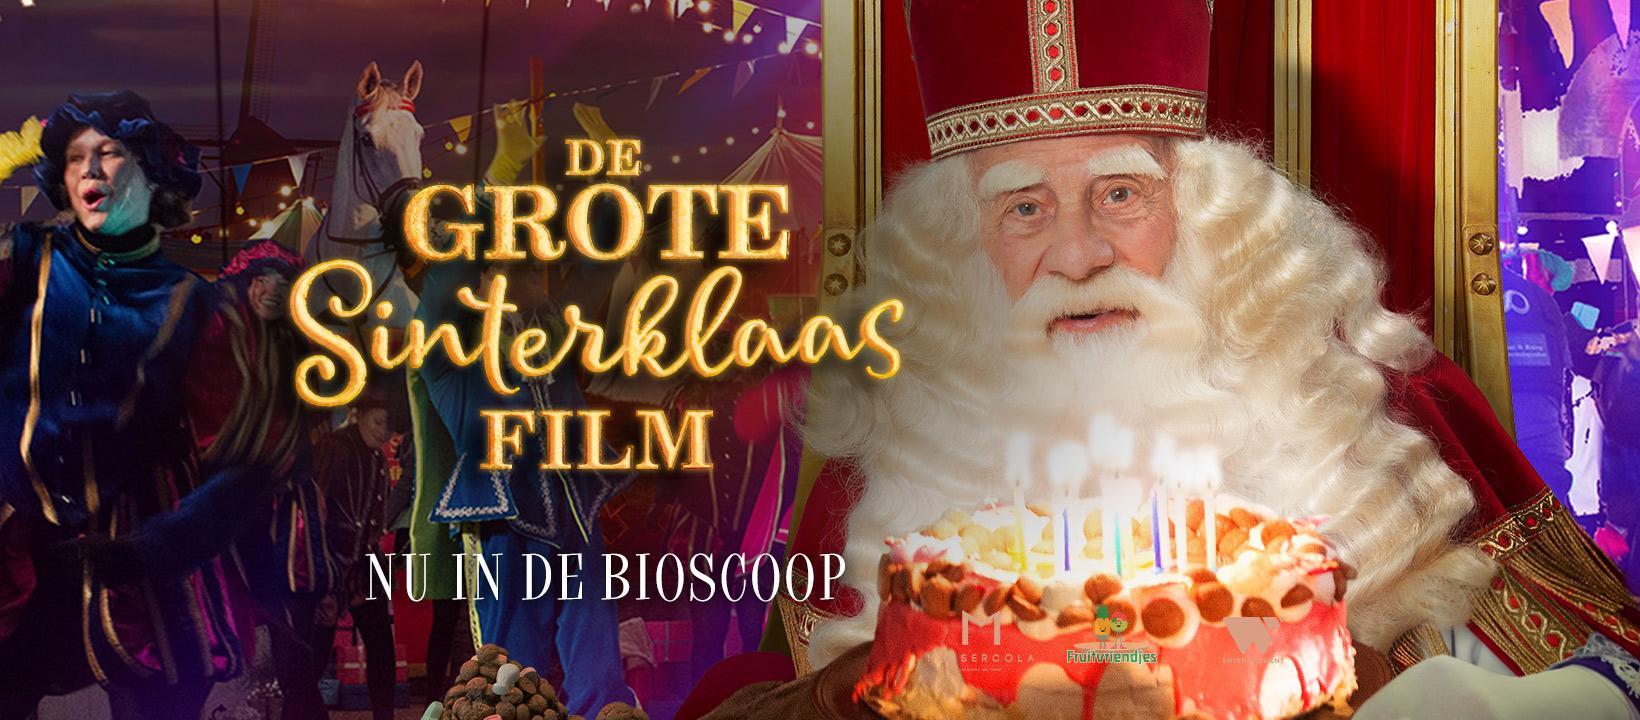 Goed nieuws: sinterklaas-filmweekend in Filmtheater Hilversum en Vue kan toch doorgaan. Onderdeel van 'roadshow Sinterklaas'